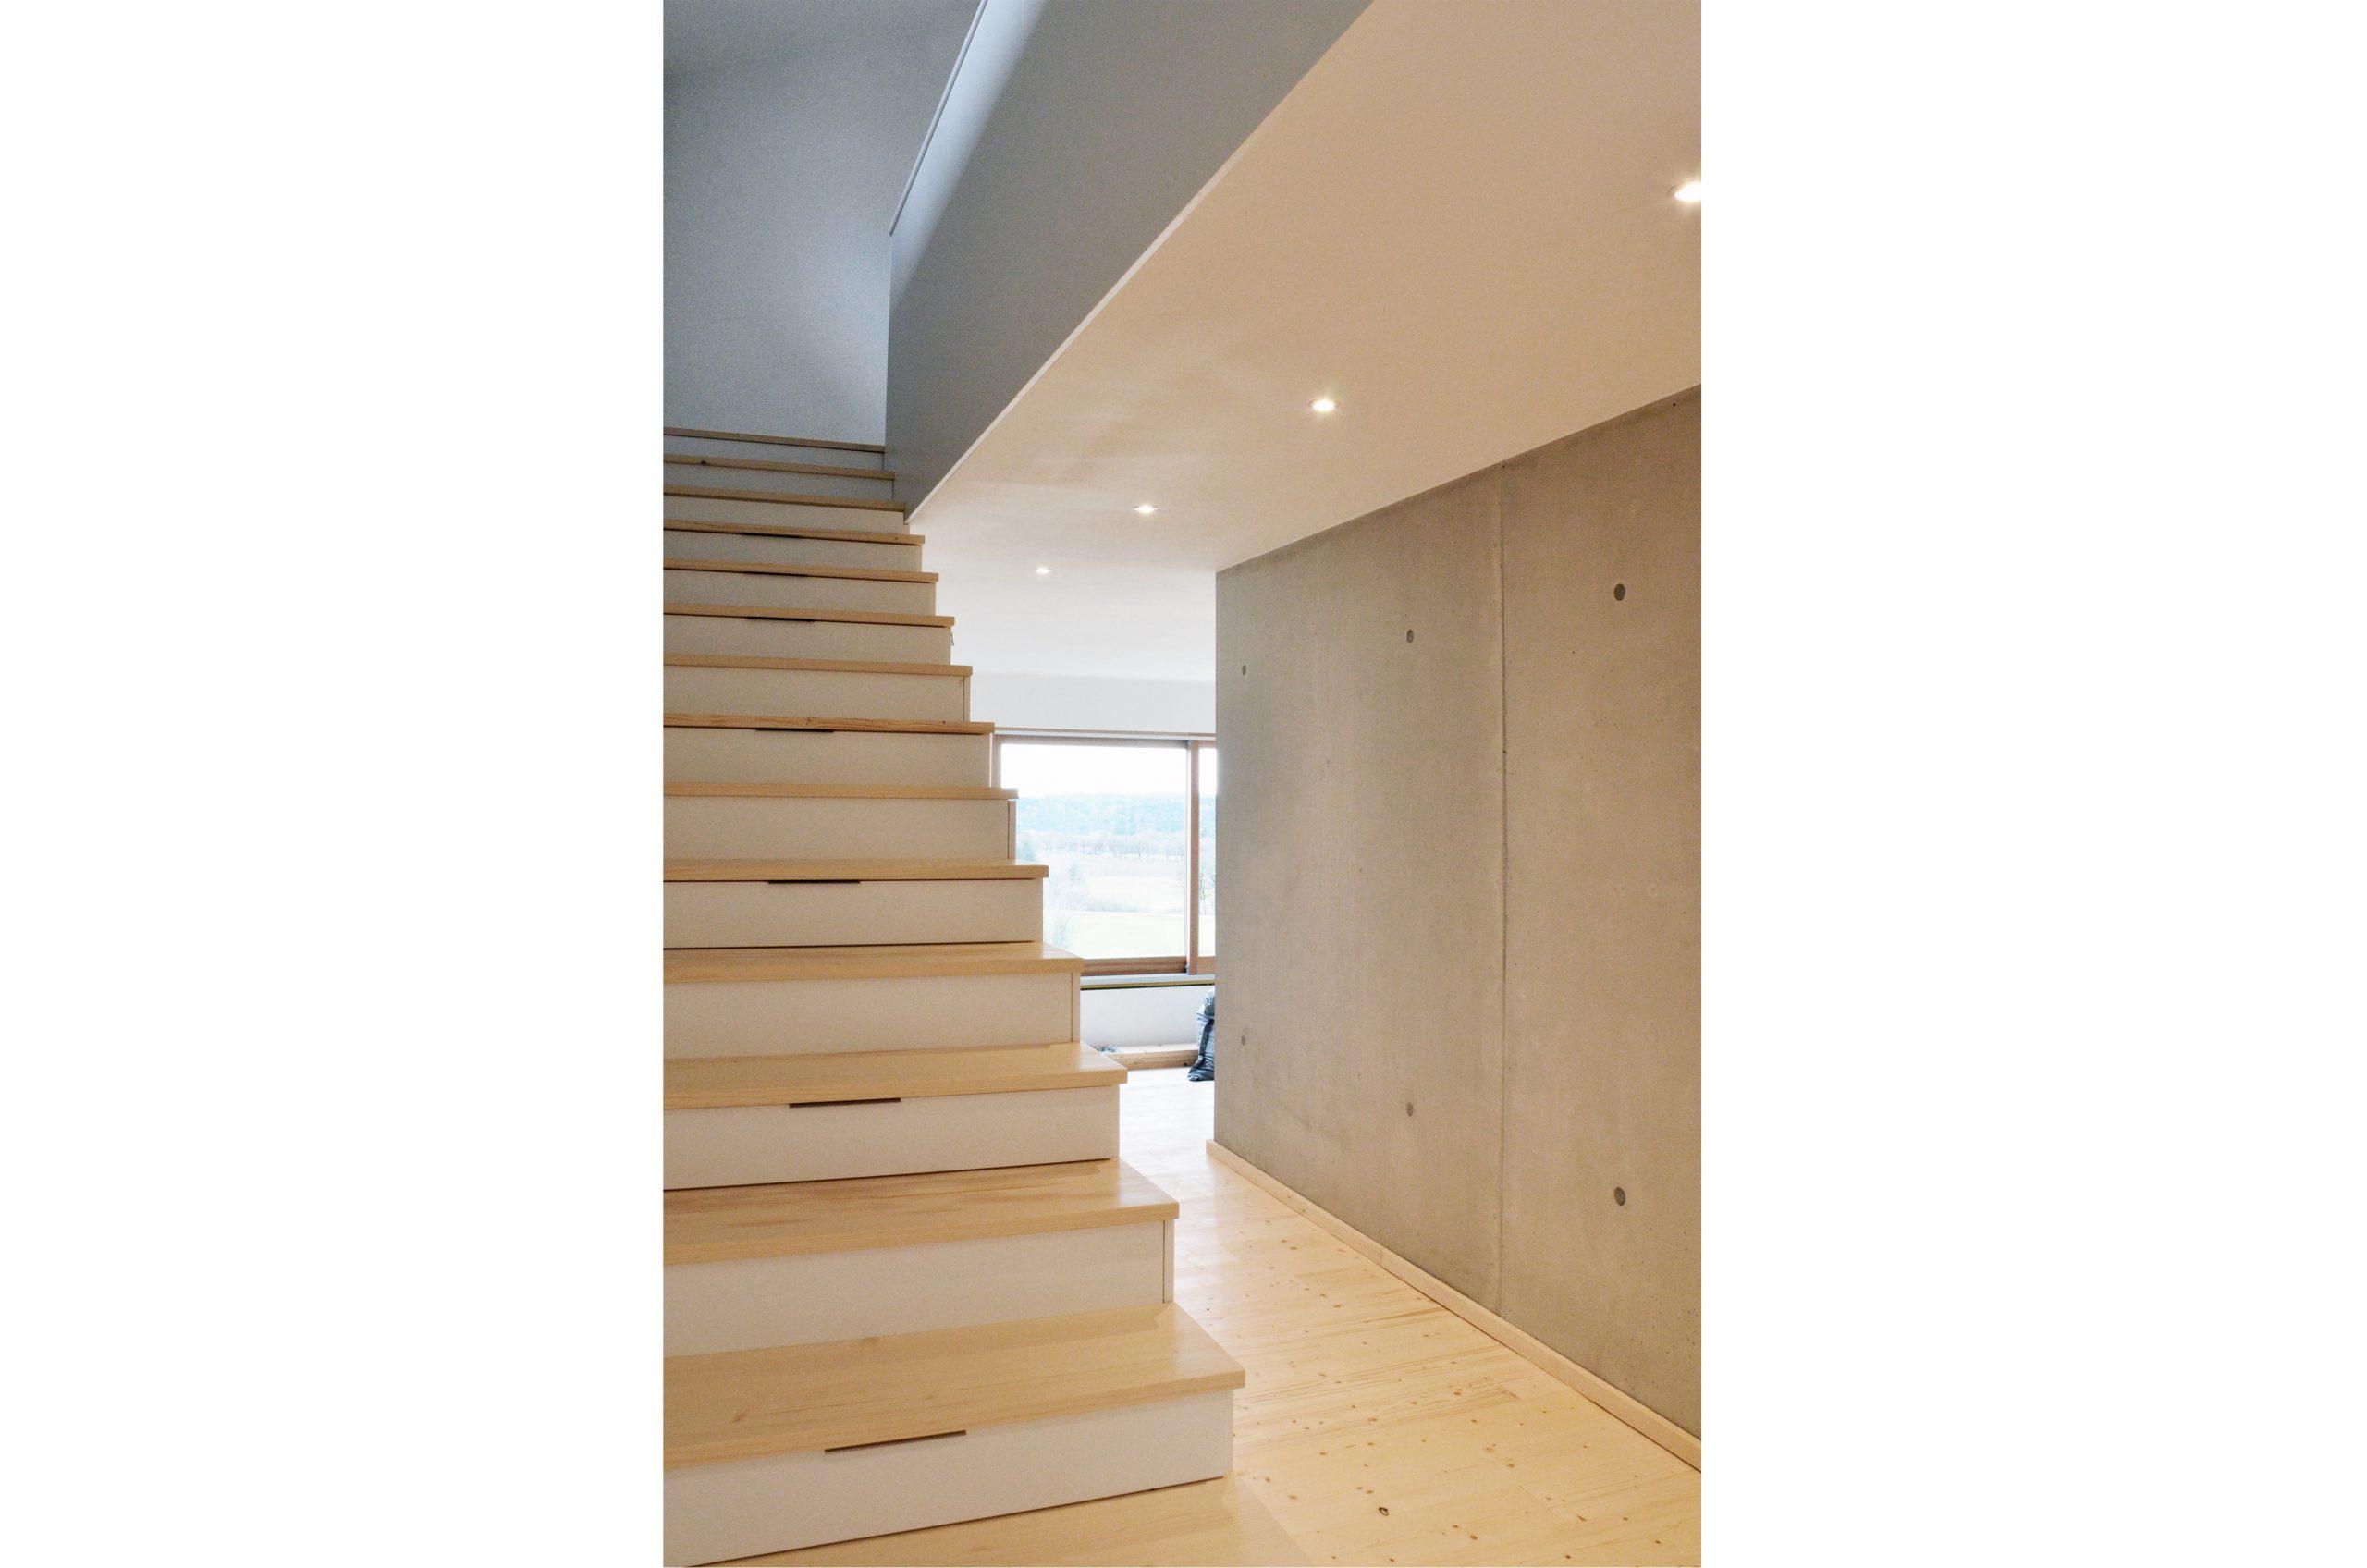 jacob-mayer-voigt-architekt-interior-design-architektur-holzhaus-design-treppe-minimalismus-sichtbeton